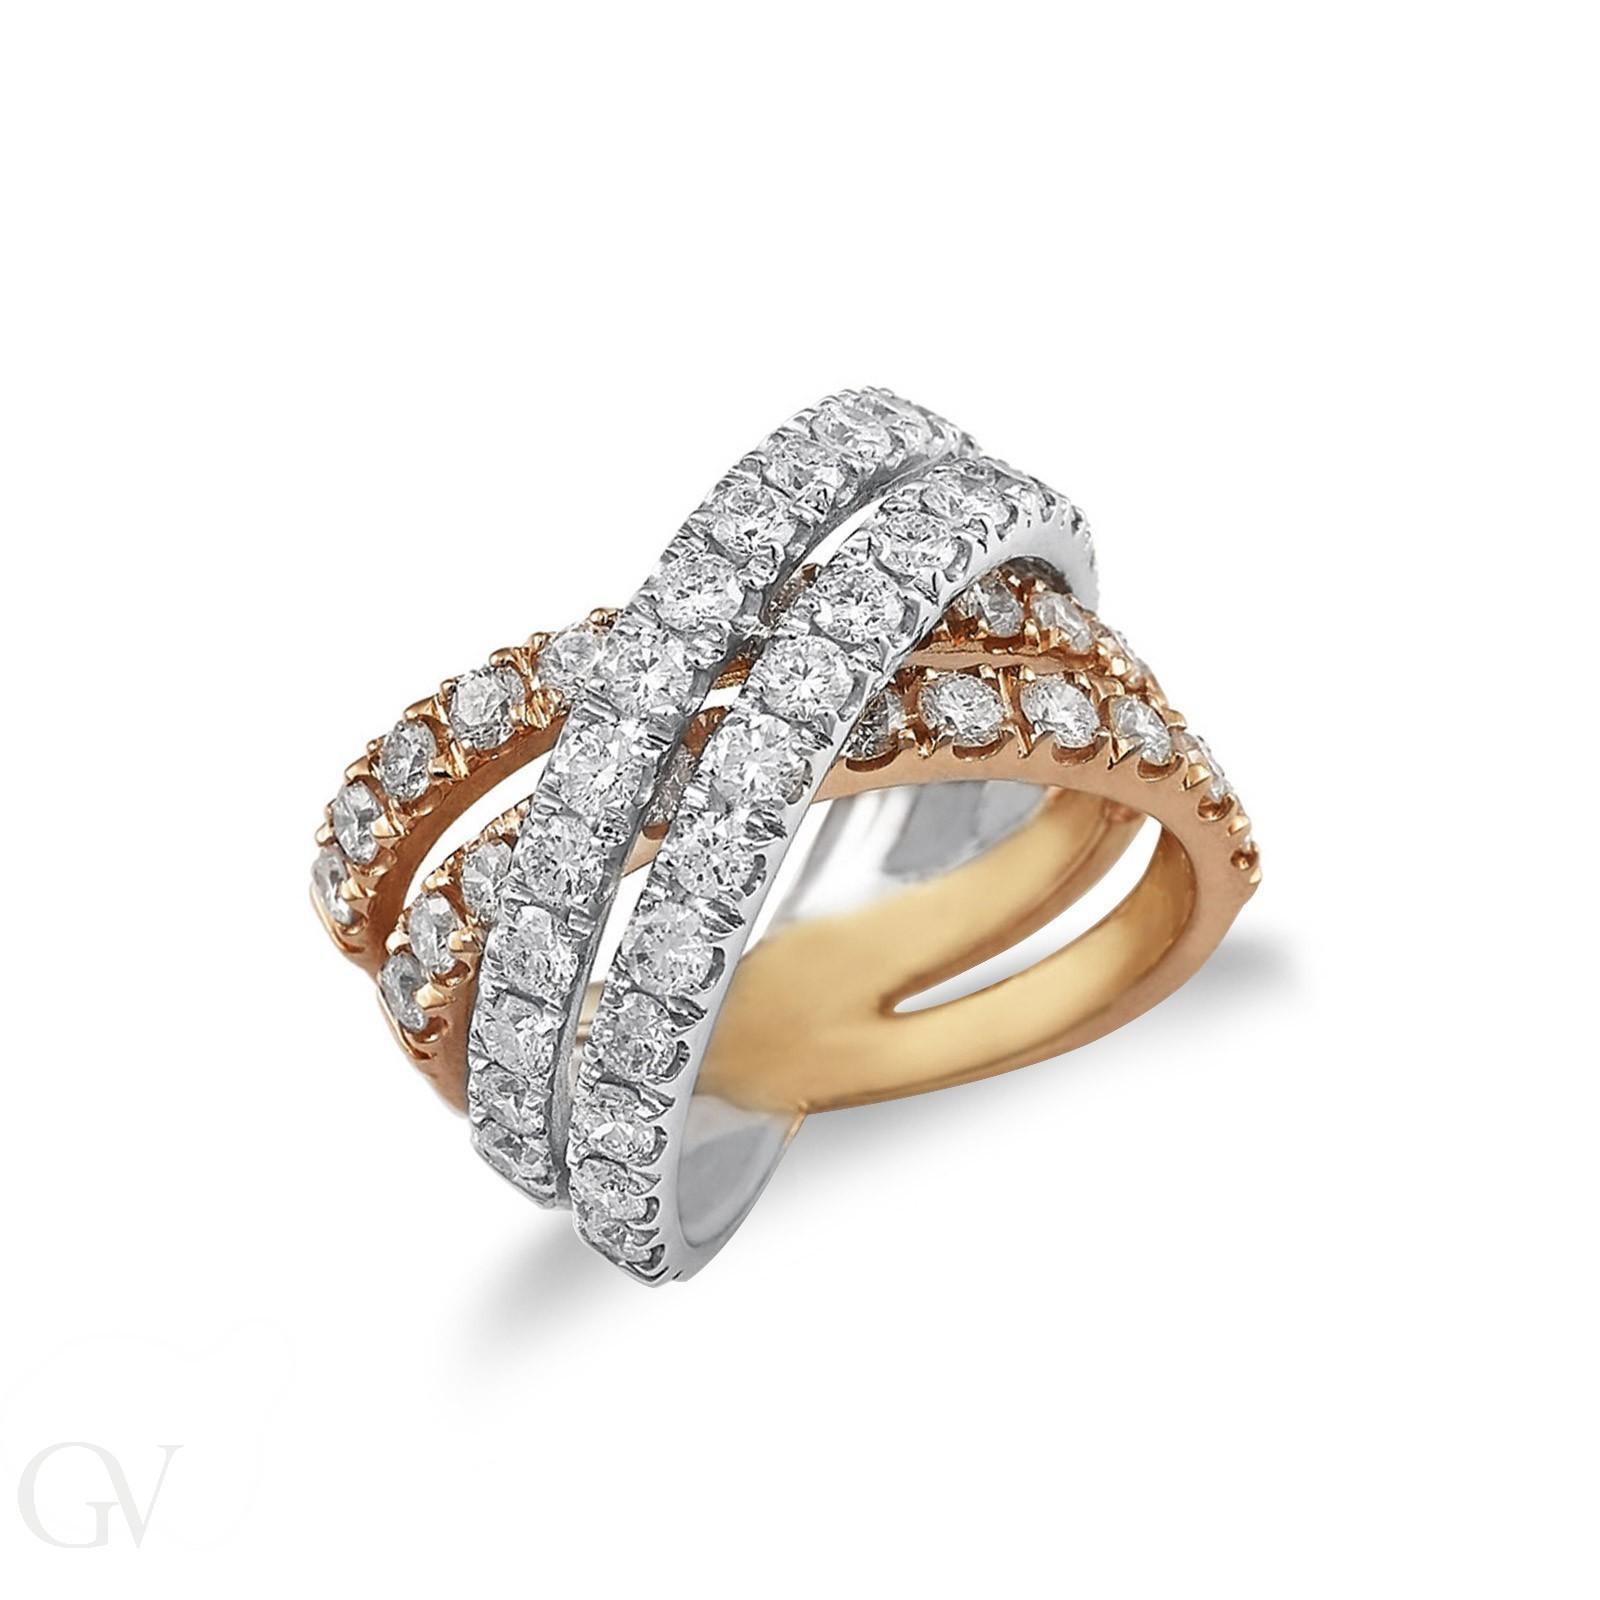 Anello intrecciato in oro bianco e rosa 18kt con diamanti